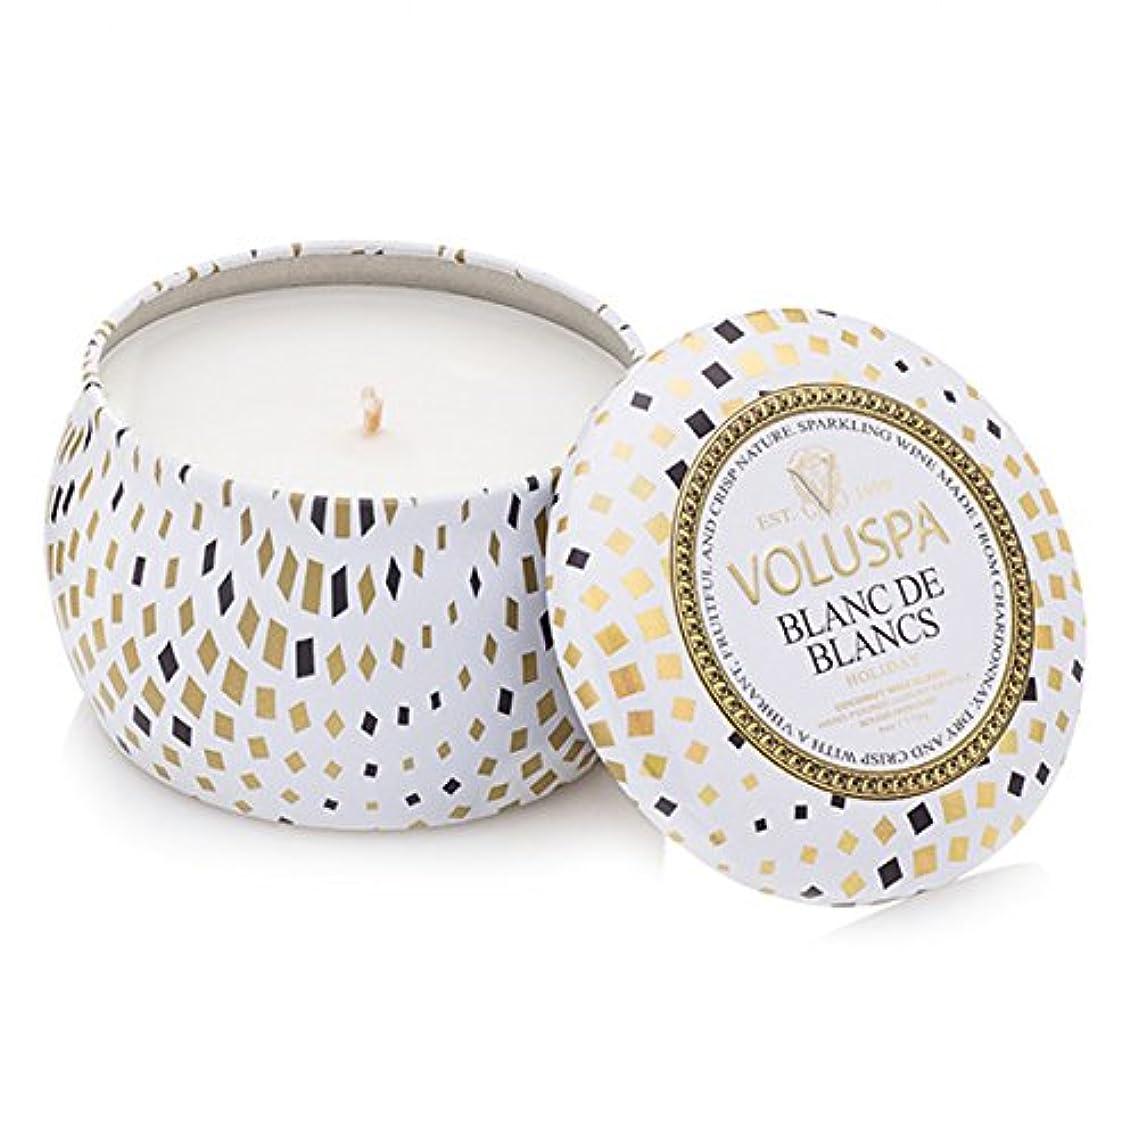 チャップサイクル散髪Voluspa ボルスパ メゾンホリデー ティンキャンドル  S ブラン ド ブラン BLANC DE BLANCS MASION HOLIDAY PETITE Tin Glass Candle